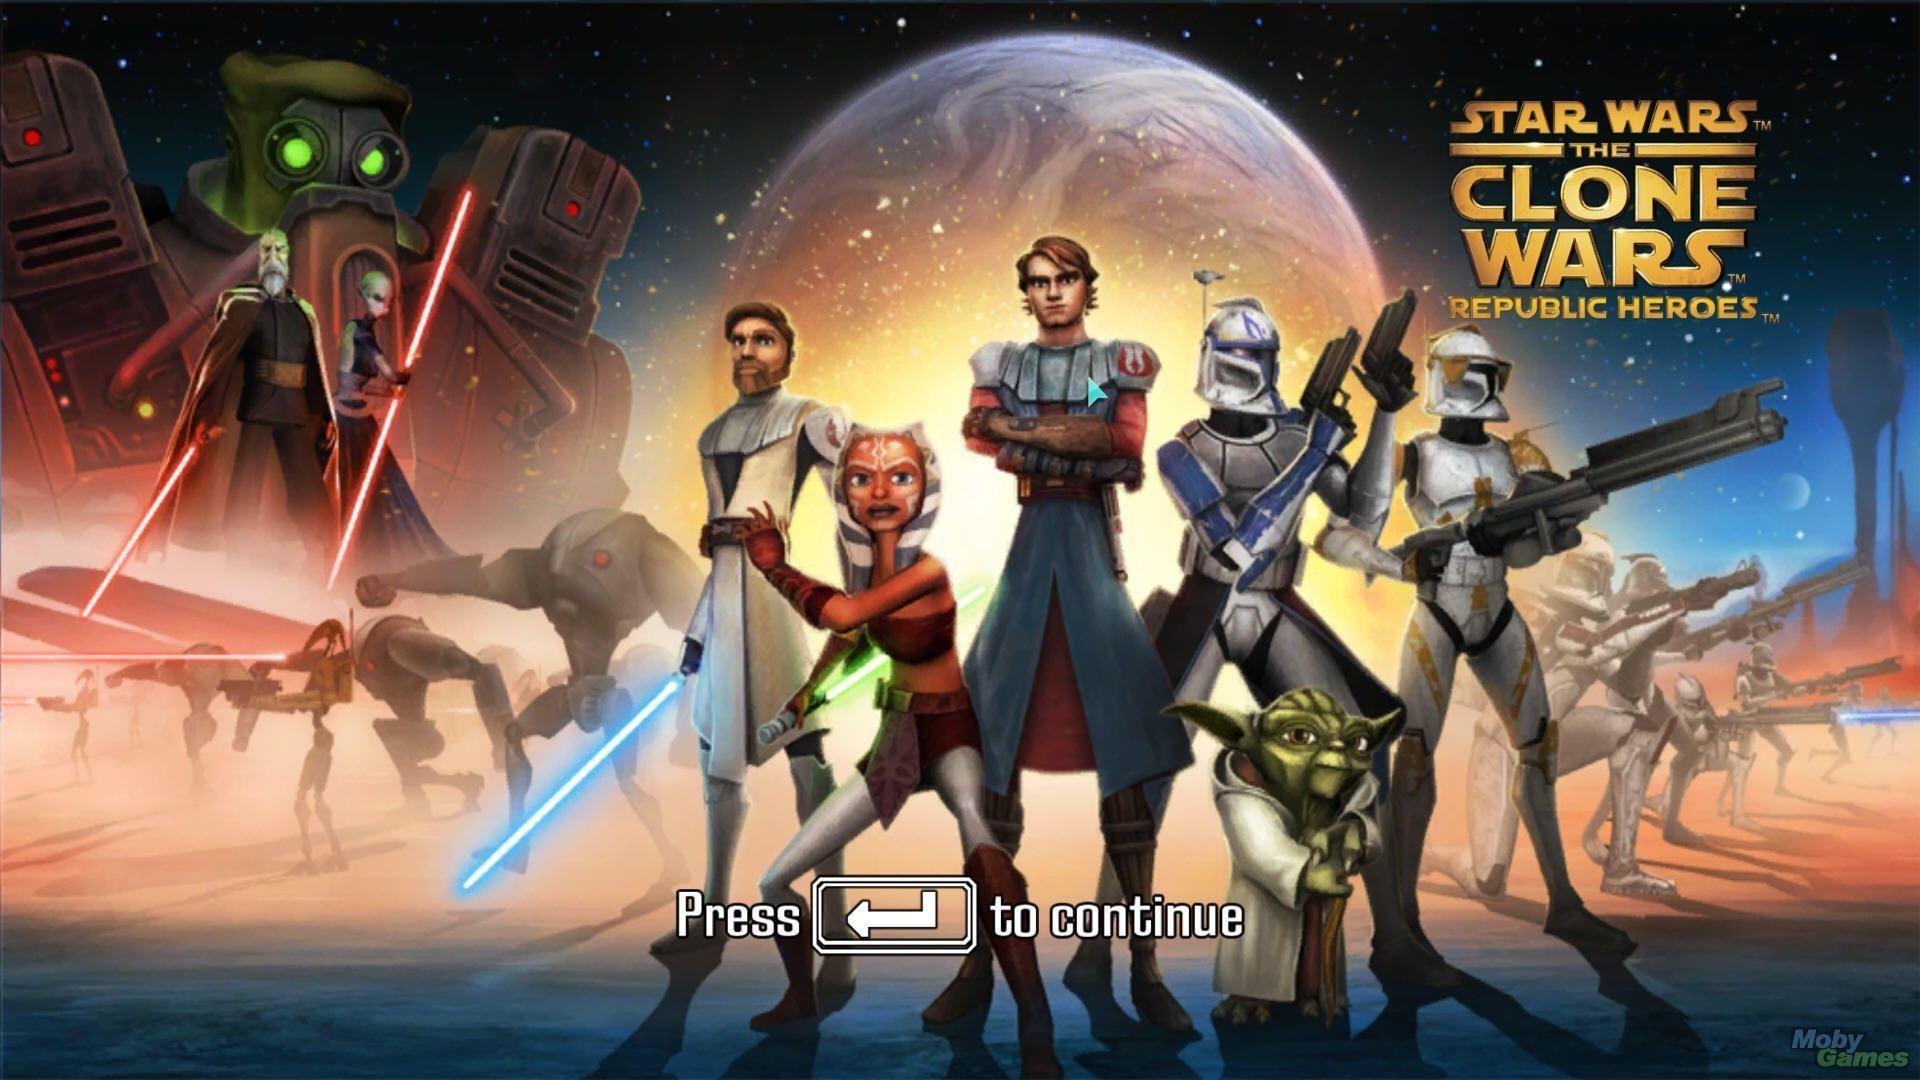 Star Wars Clone Wars Wallpaper Star Wars 101